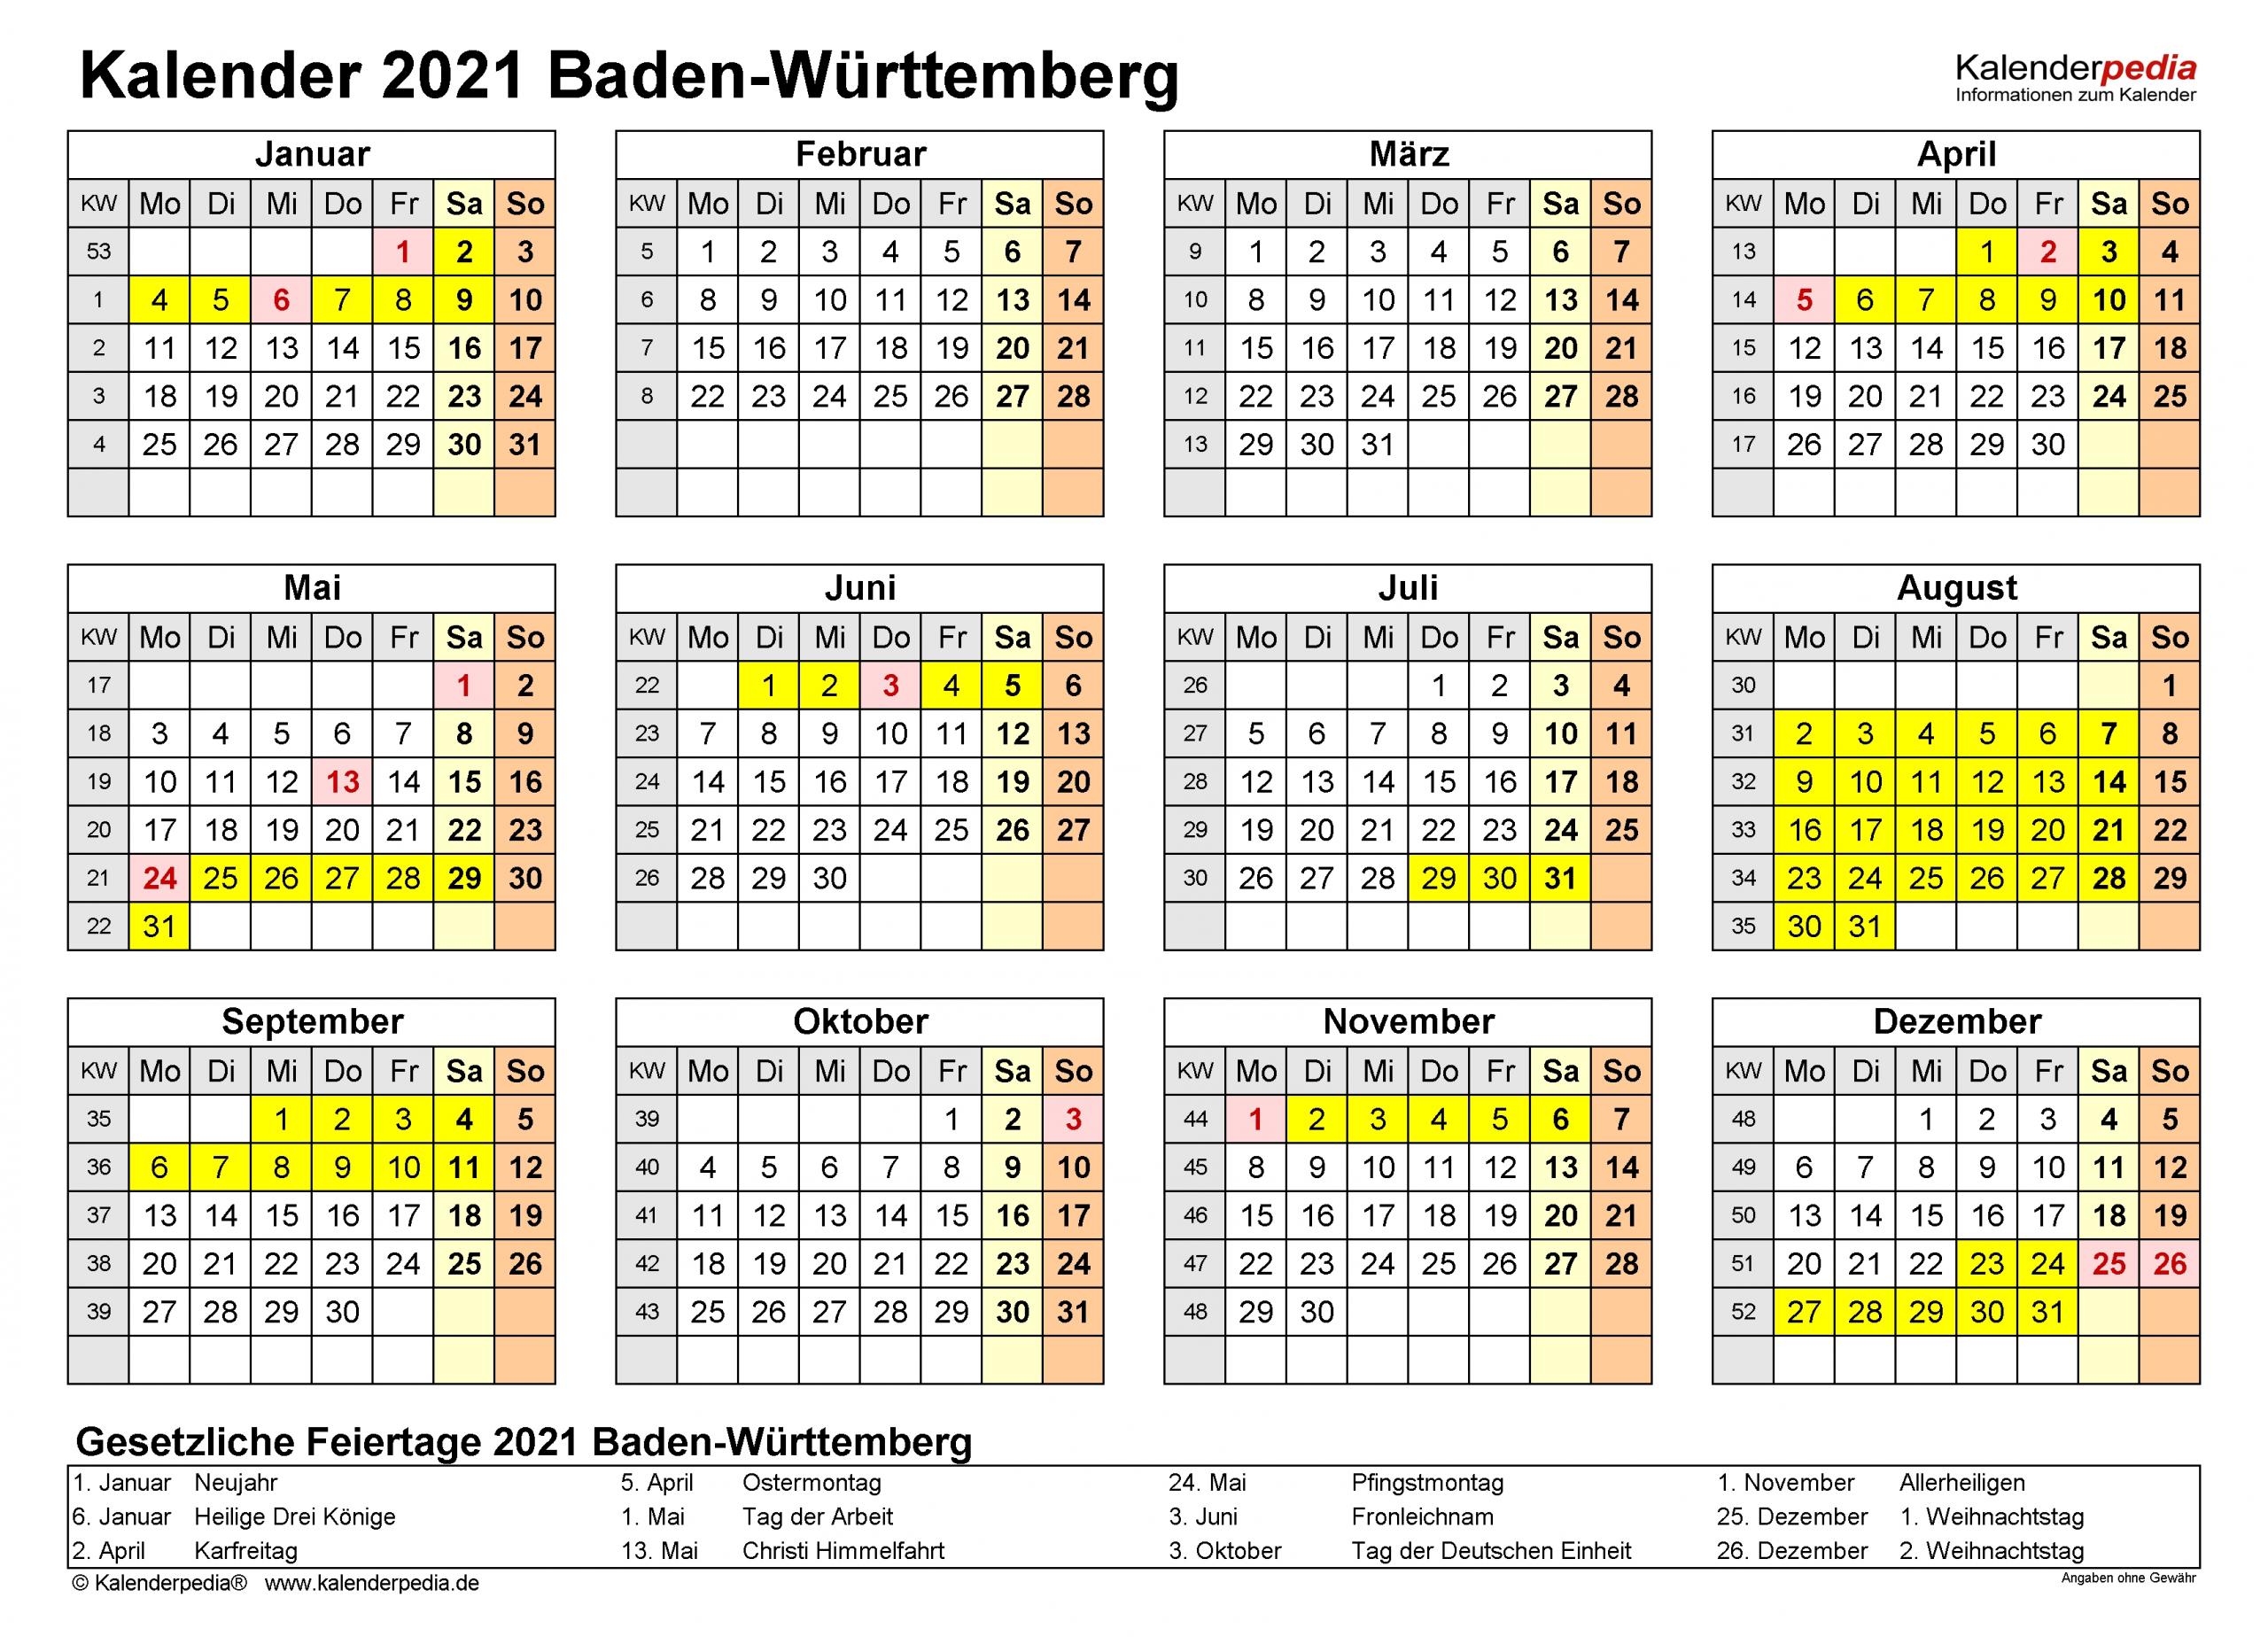 Collect Kalender 2021 Zum Ausdrucken Kostenlos Baden Württemberg